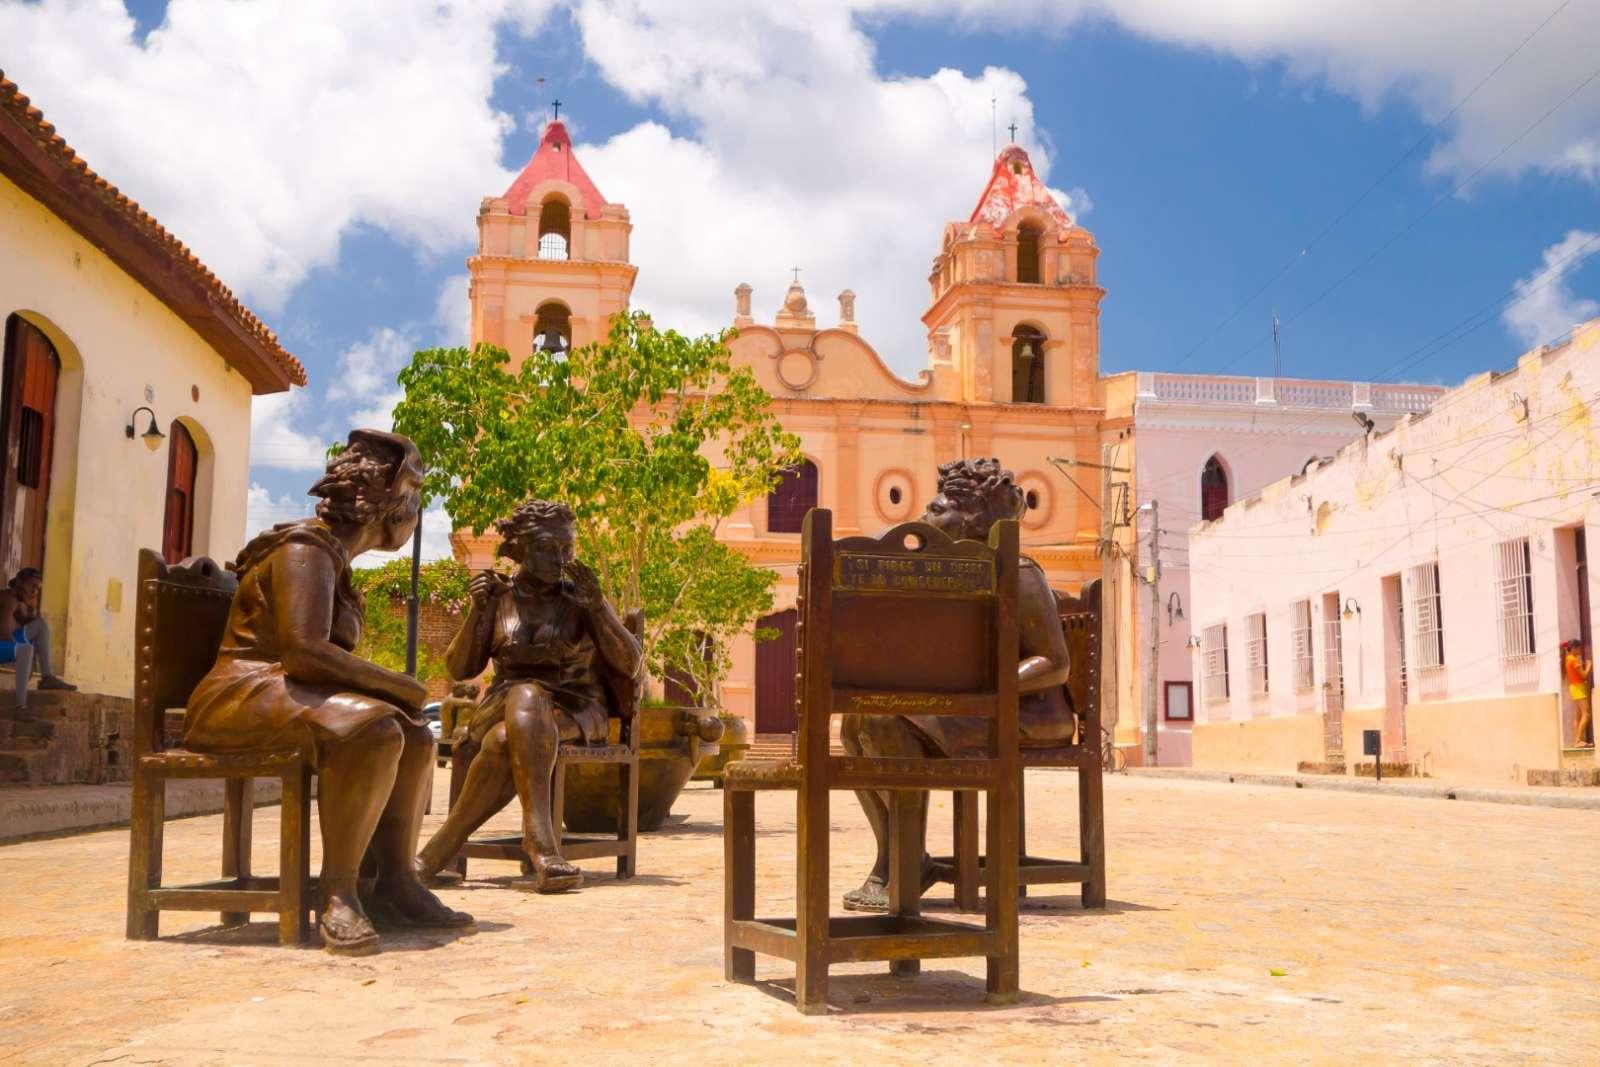 Street art statues in Camaguey, Cuba